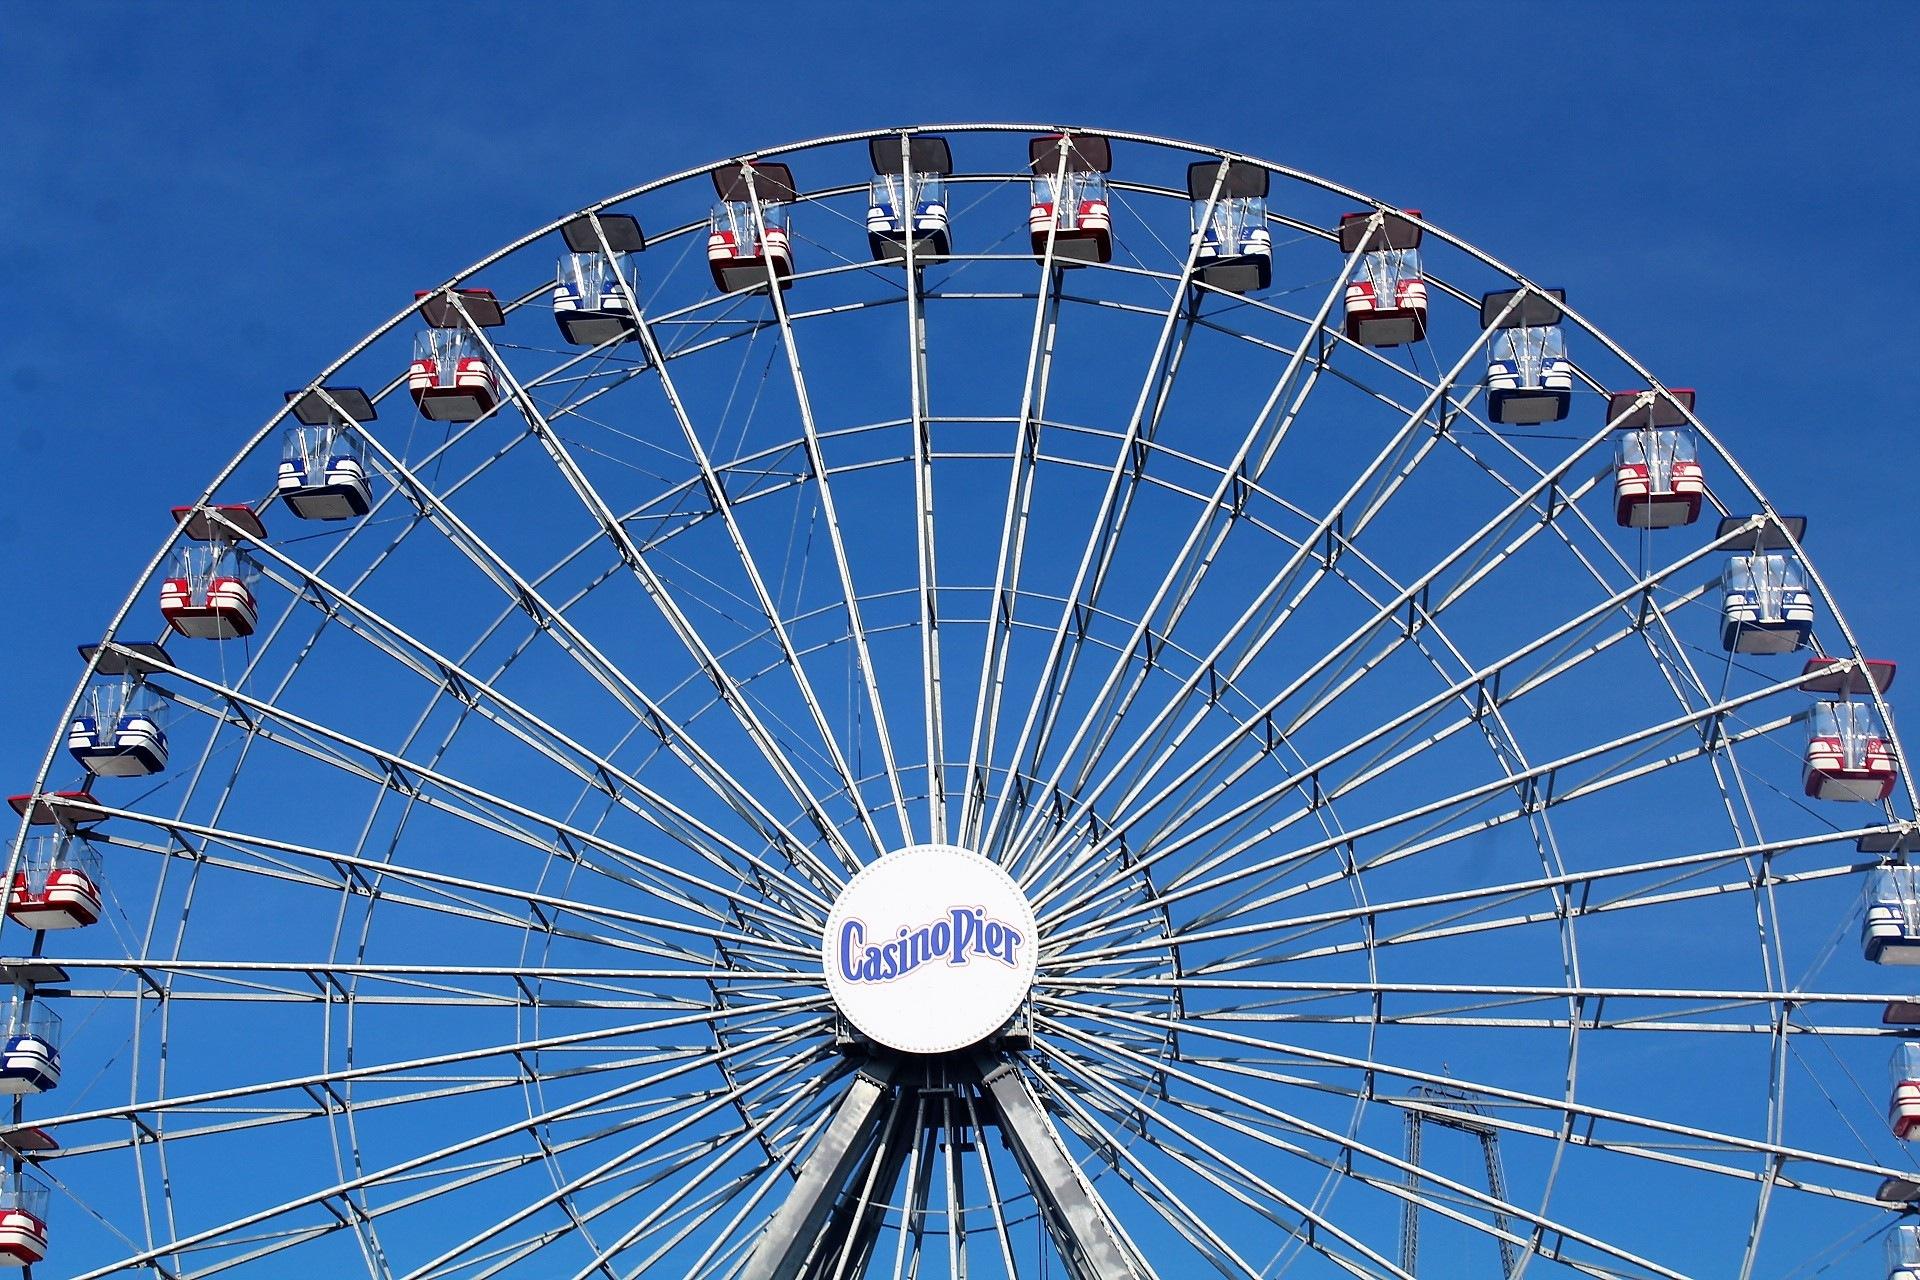 Casino Pier Ferris Wheel by Nancy Lockwood George